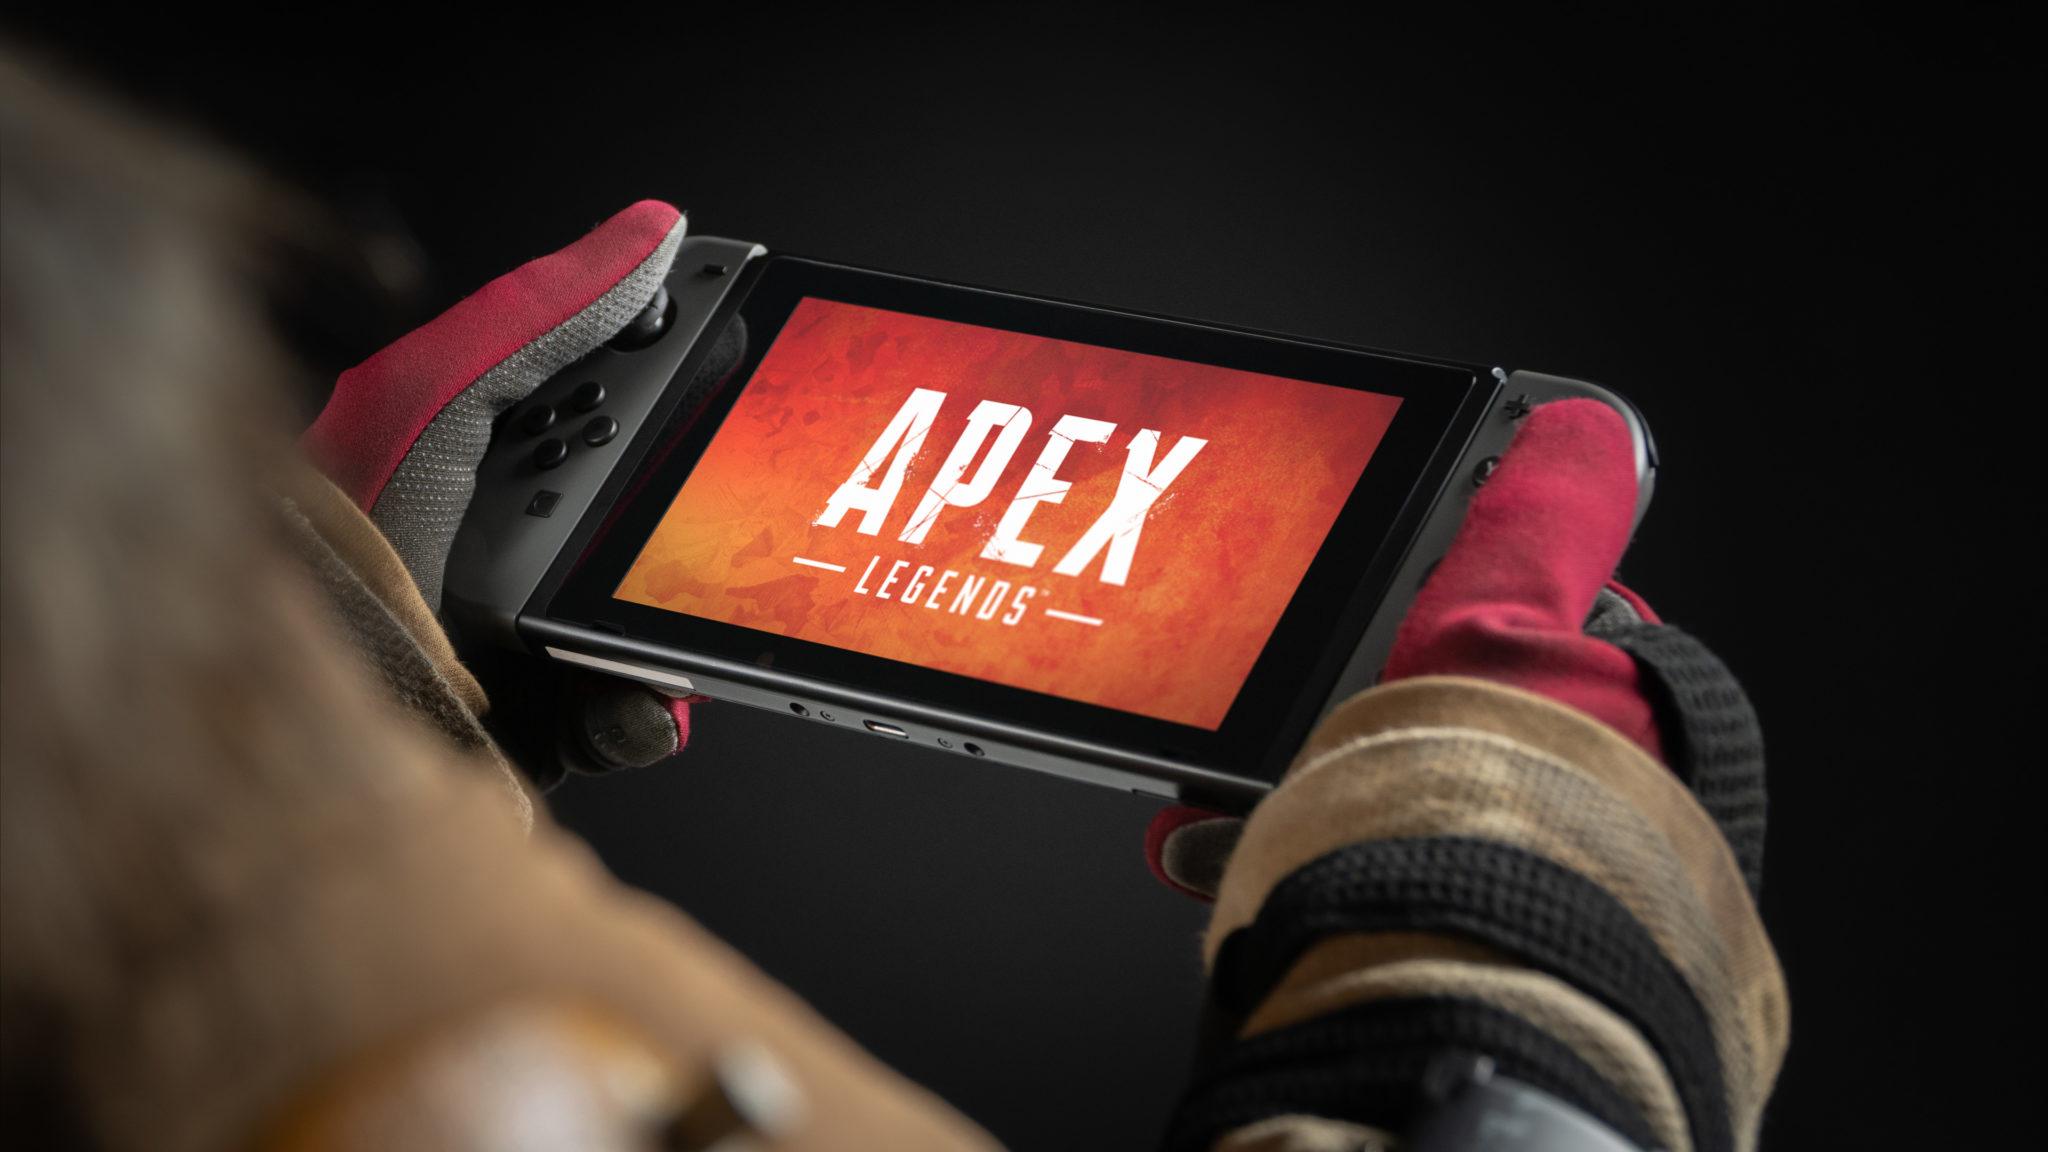 【速報】Nintendo Switch版エーペックスレジェンズのリリースは「来年になる可能性が高い」とAPEX公式が発表